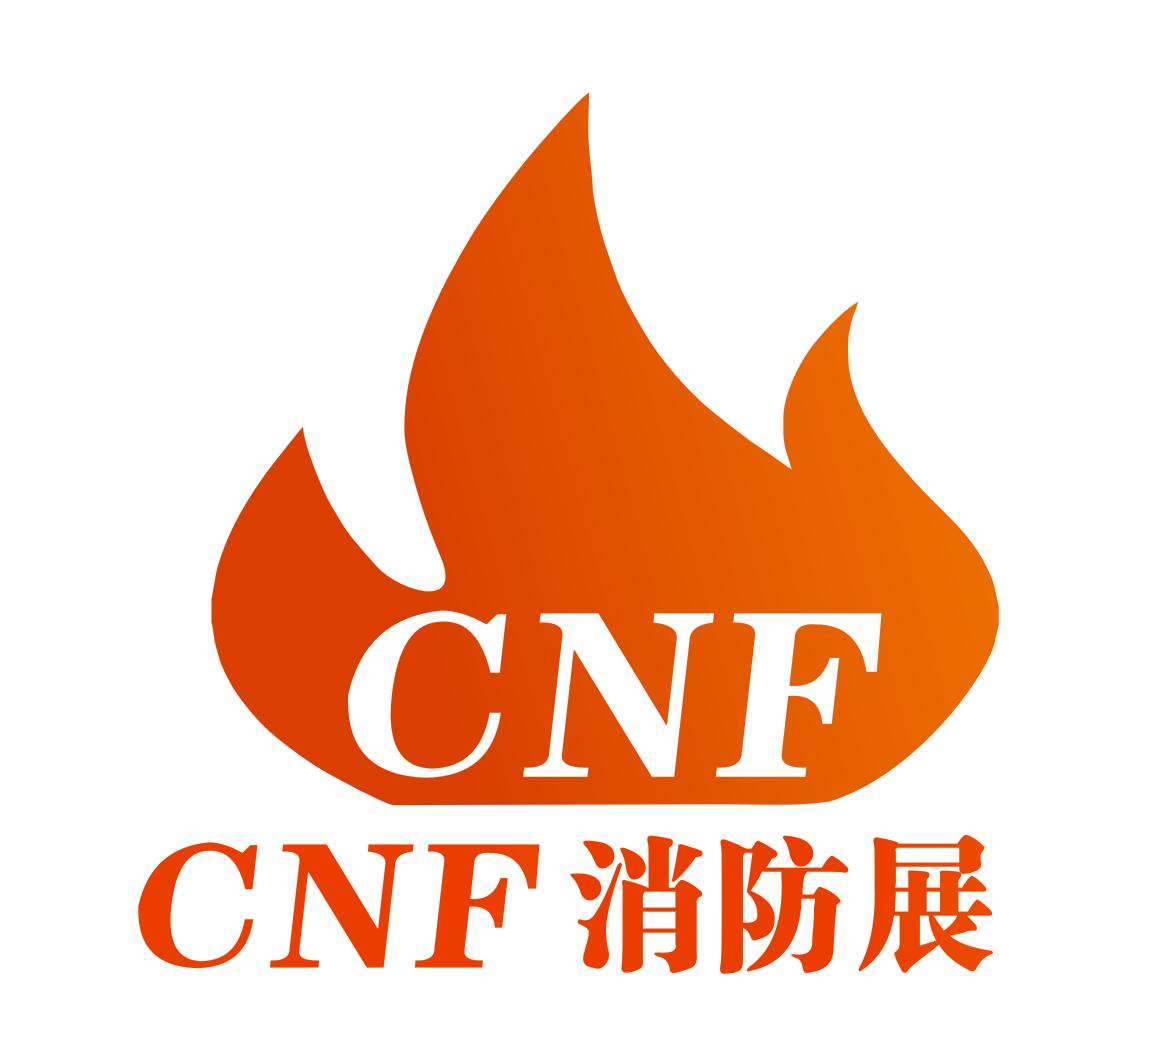 中国消防展|2020中国消防展会|中国国际消防展-河南信创展览服务有限公司